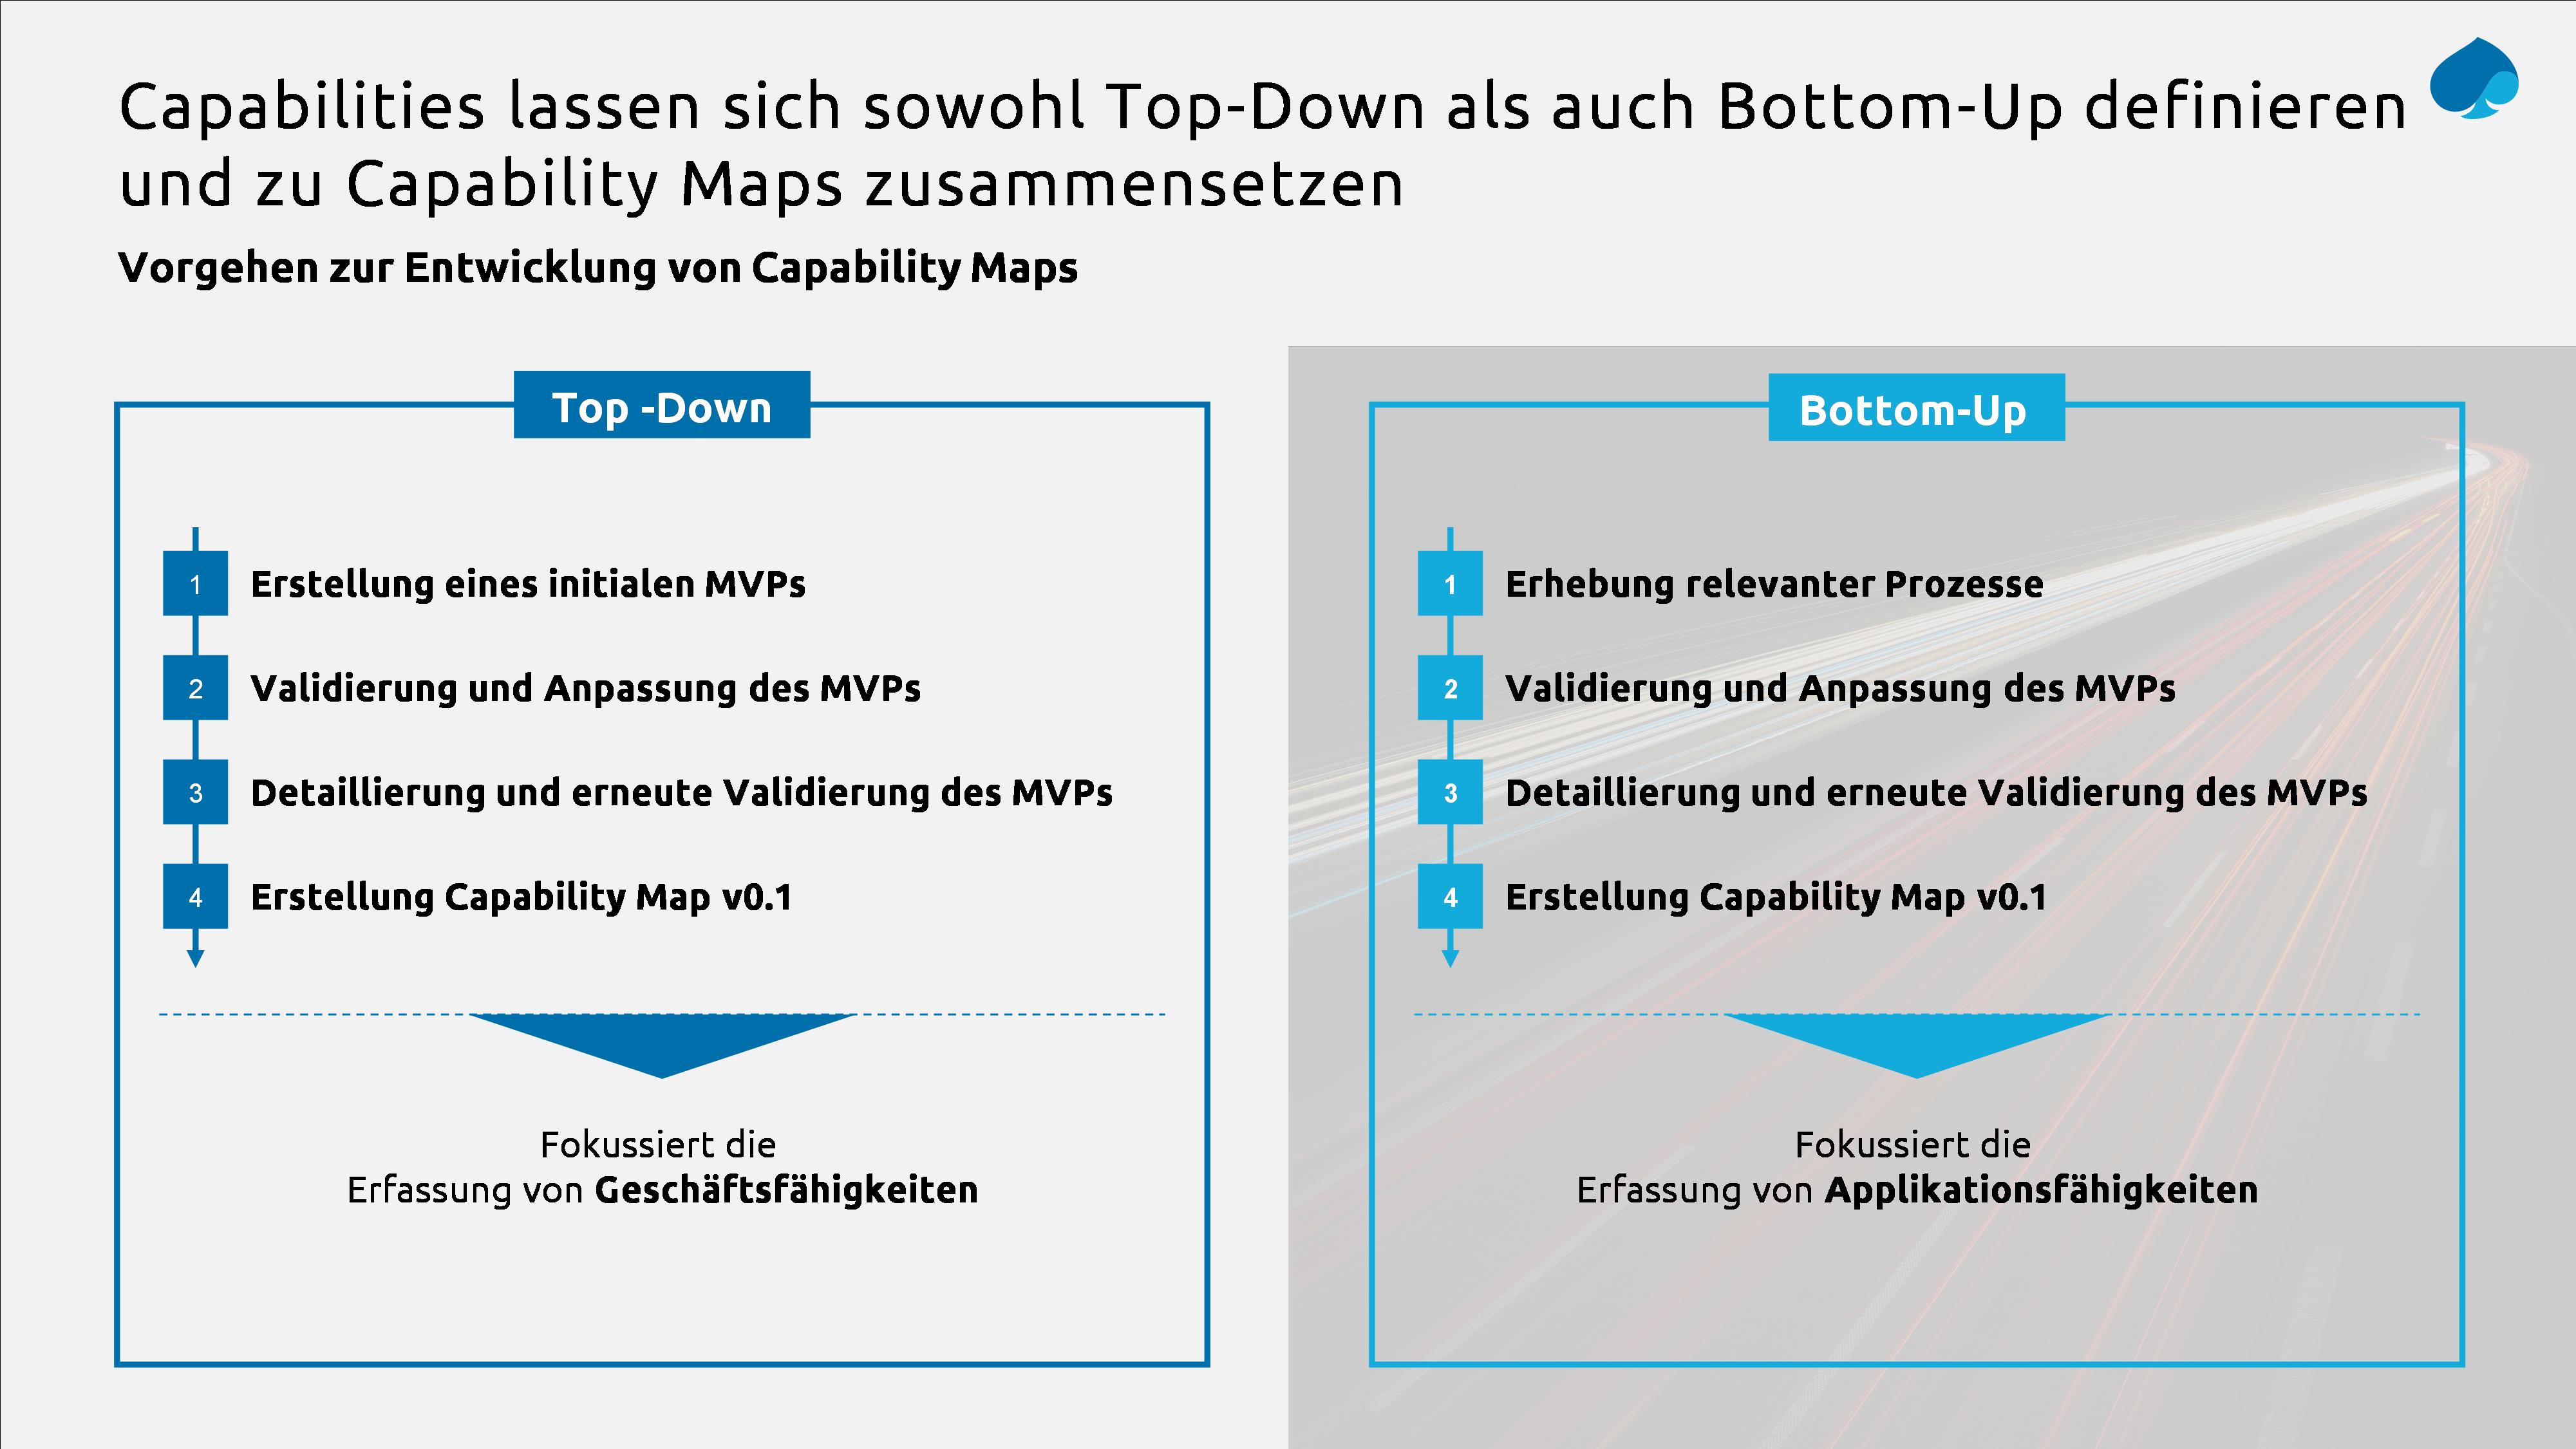 Vorgehen zur Entwicklung von Capability Maps_Capgemini Invent